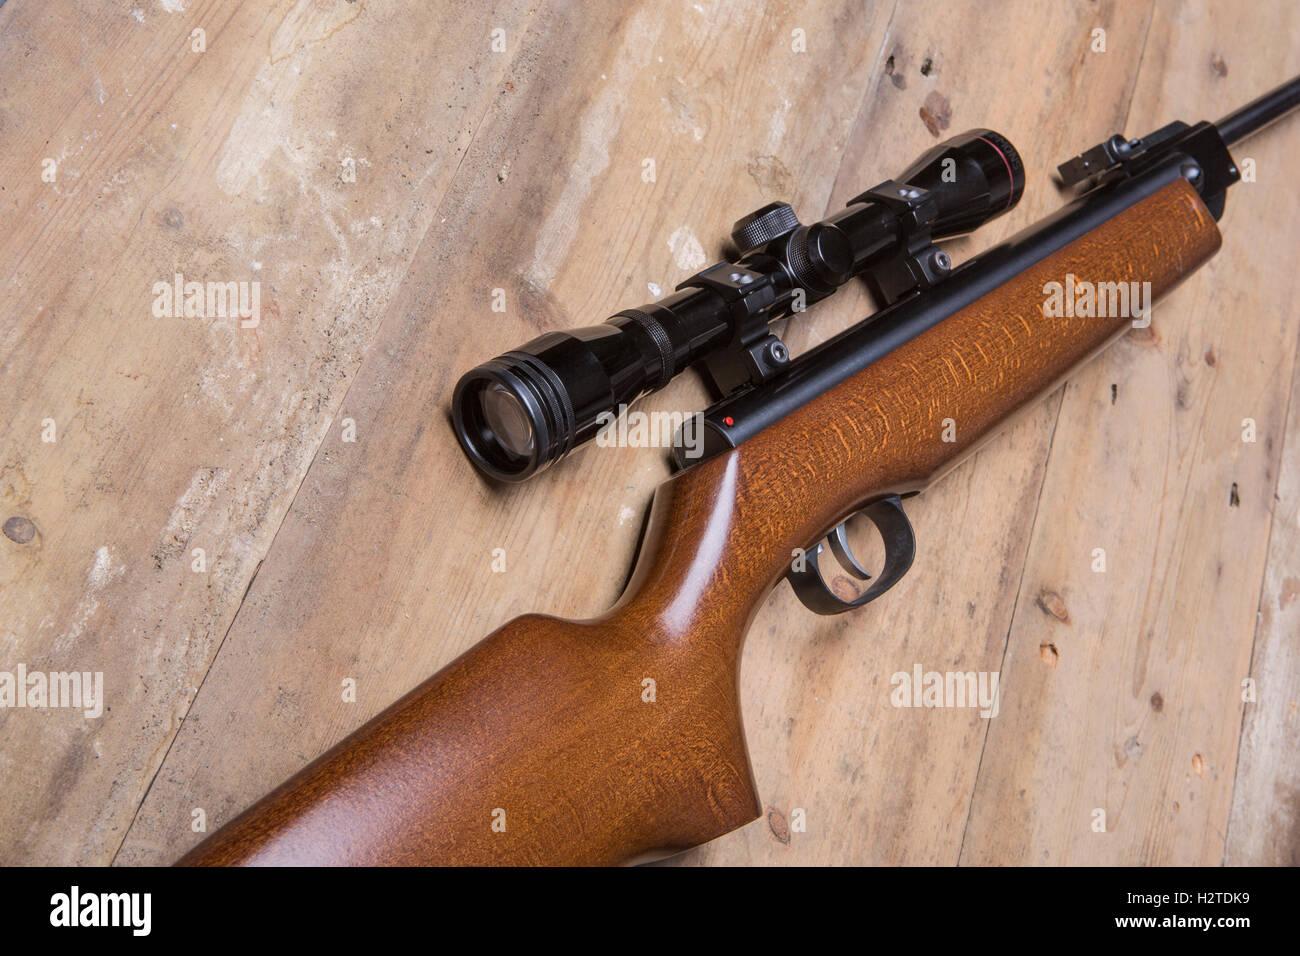 Luftgewehr mit einem zielfernrohr stockfoto bild: 122239469 alamy